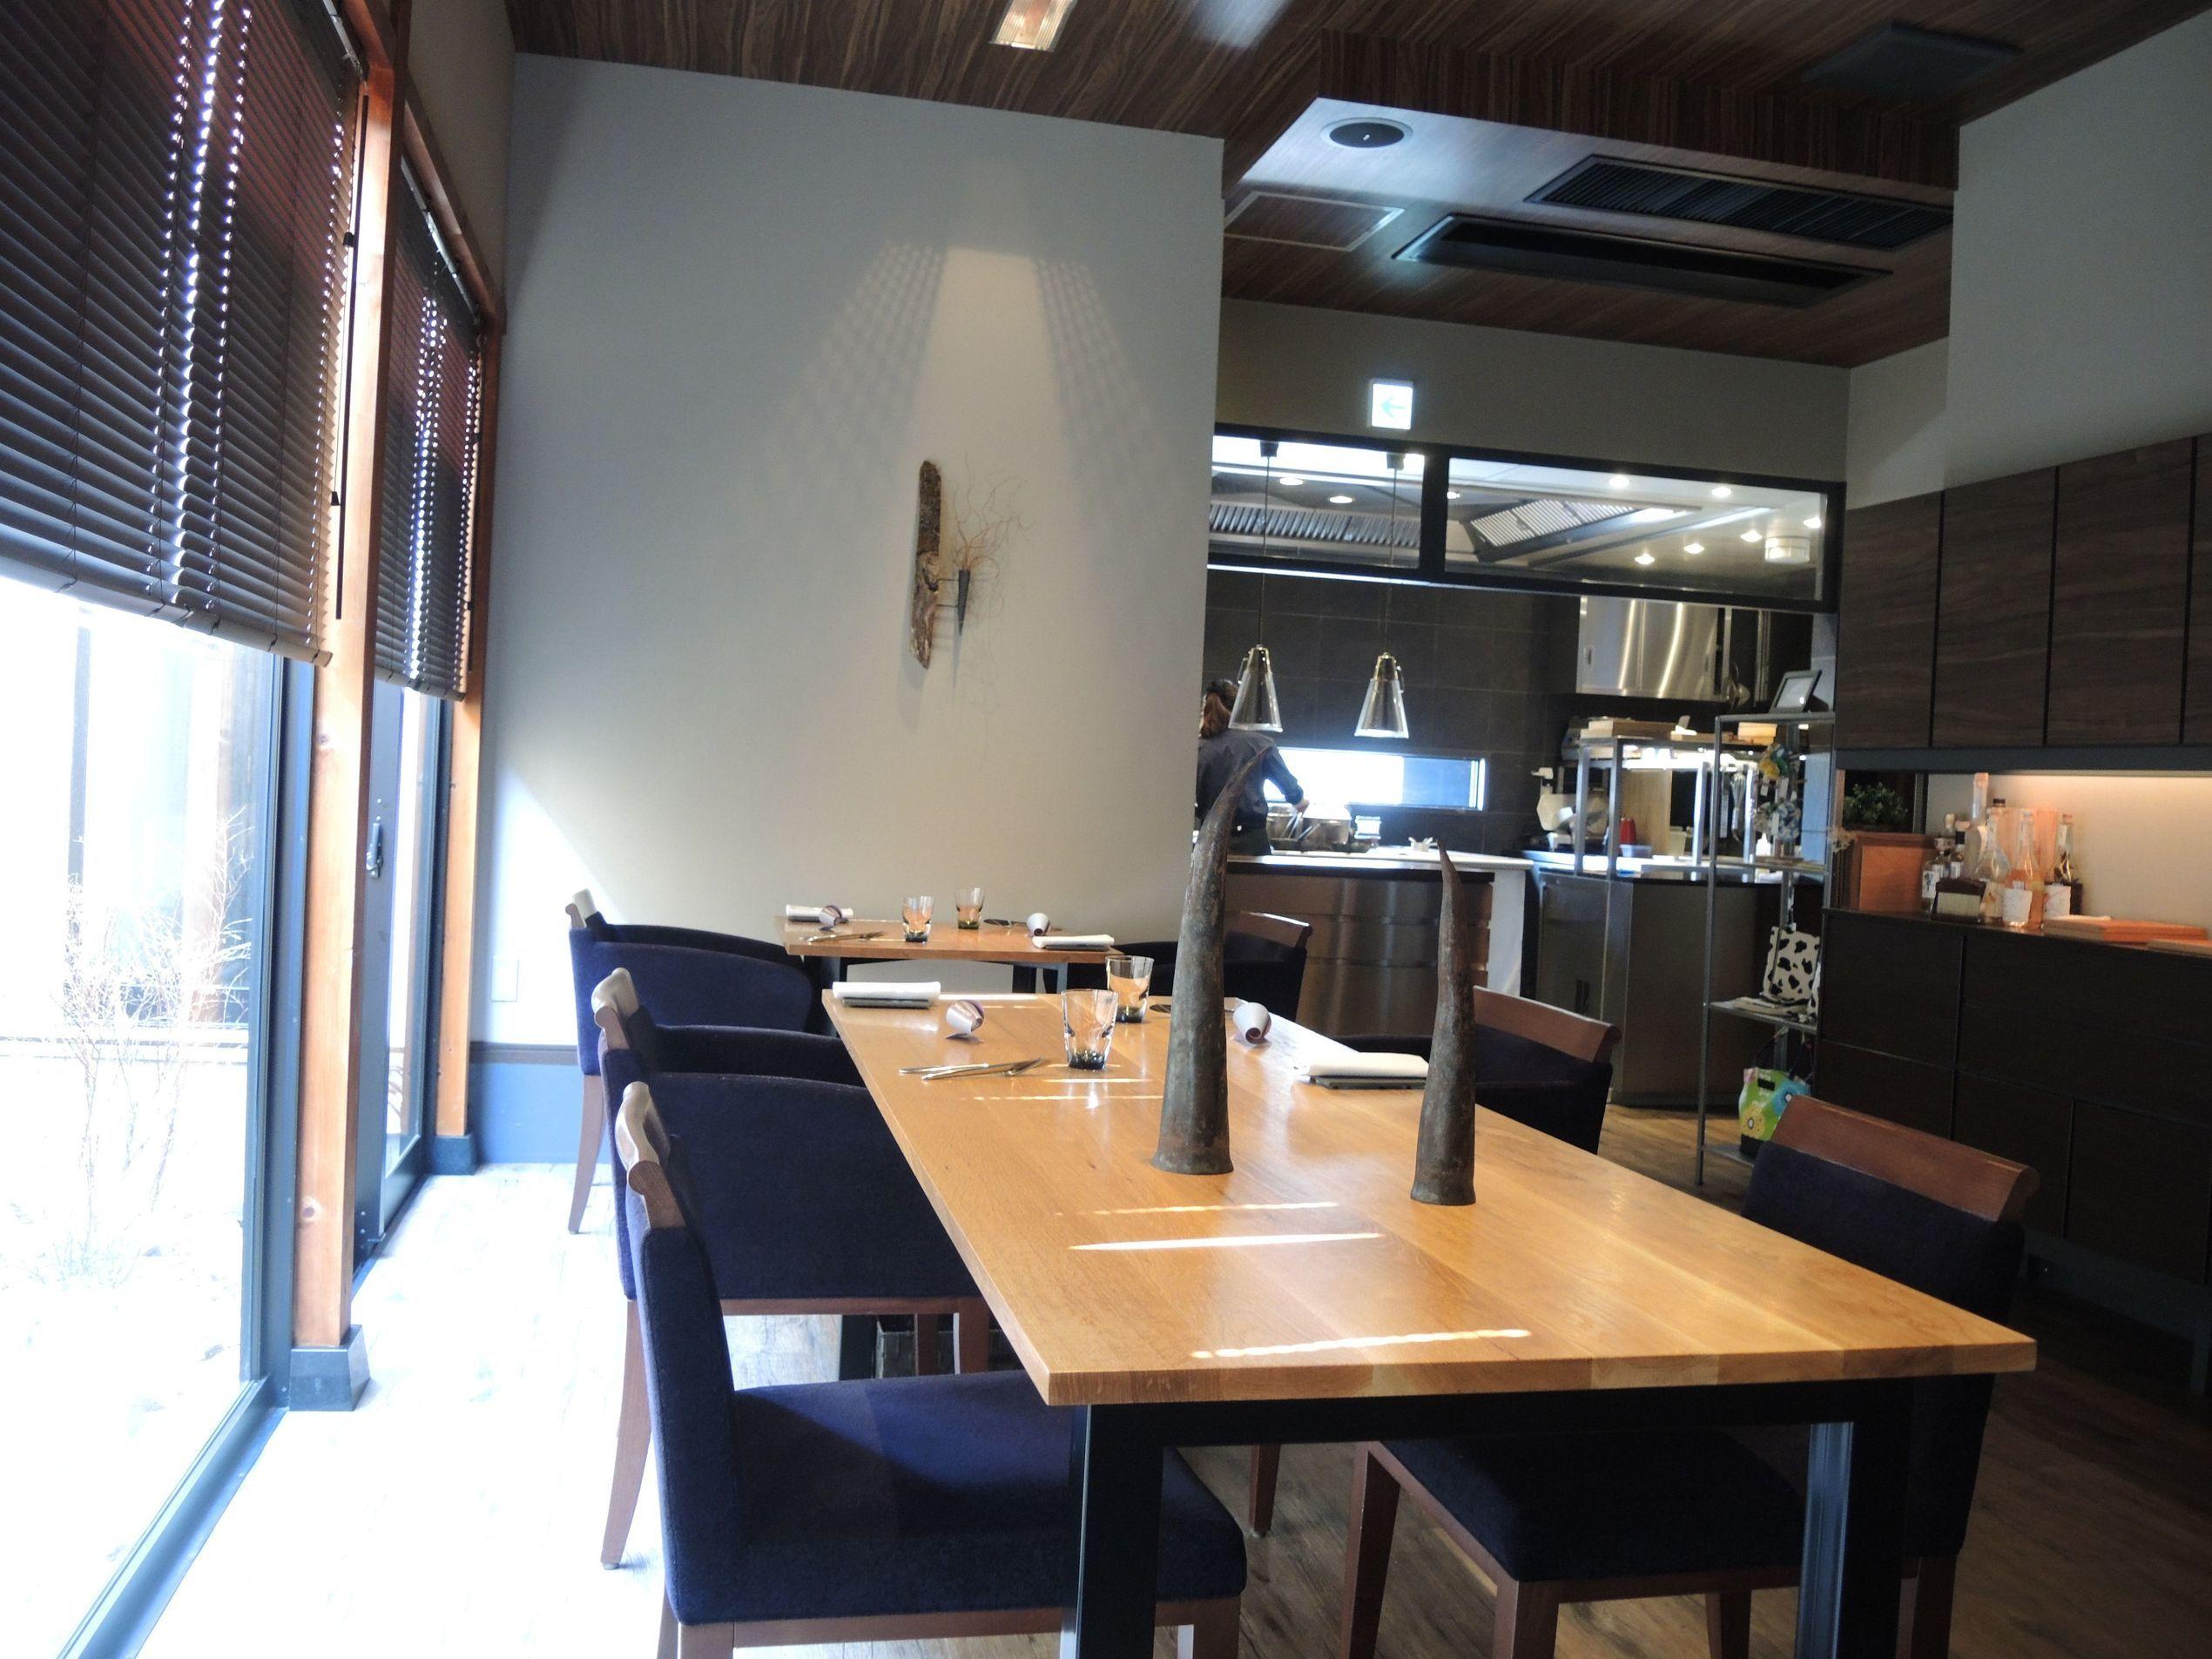 木津川市情報発信基地キチキチ|観光スポット|お茶の京都